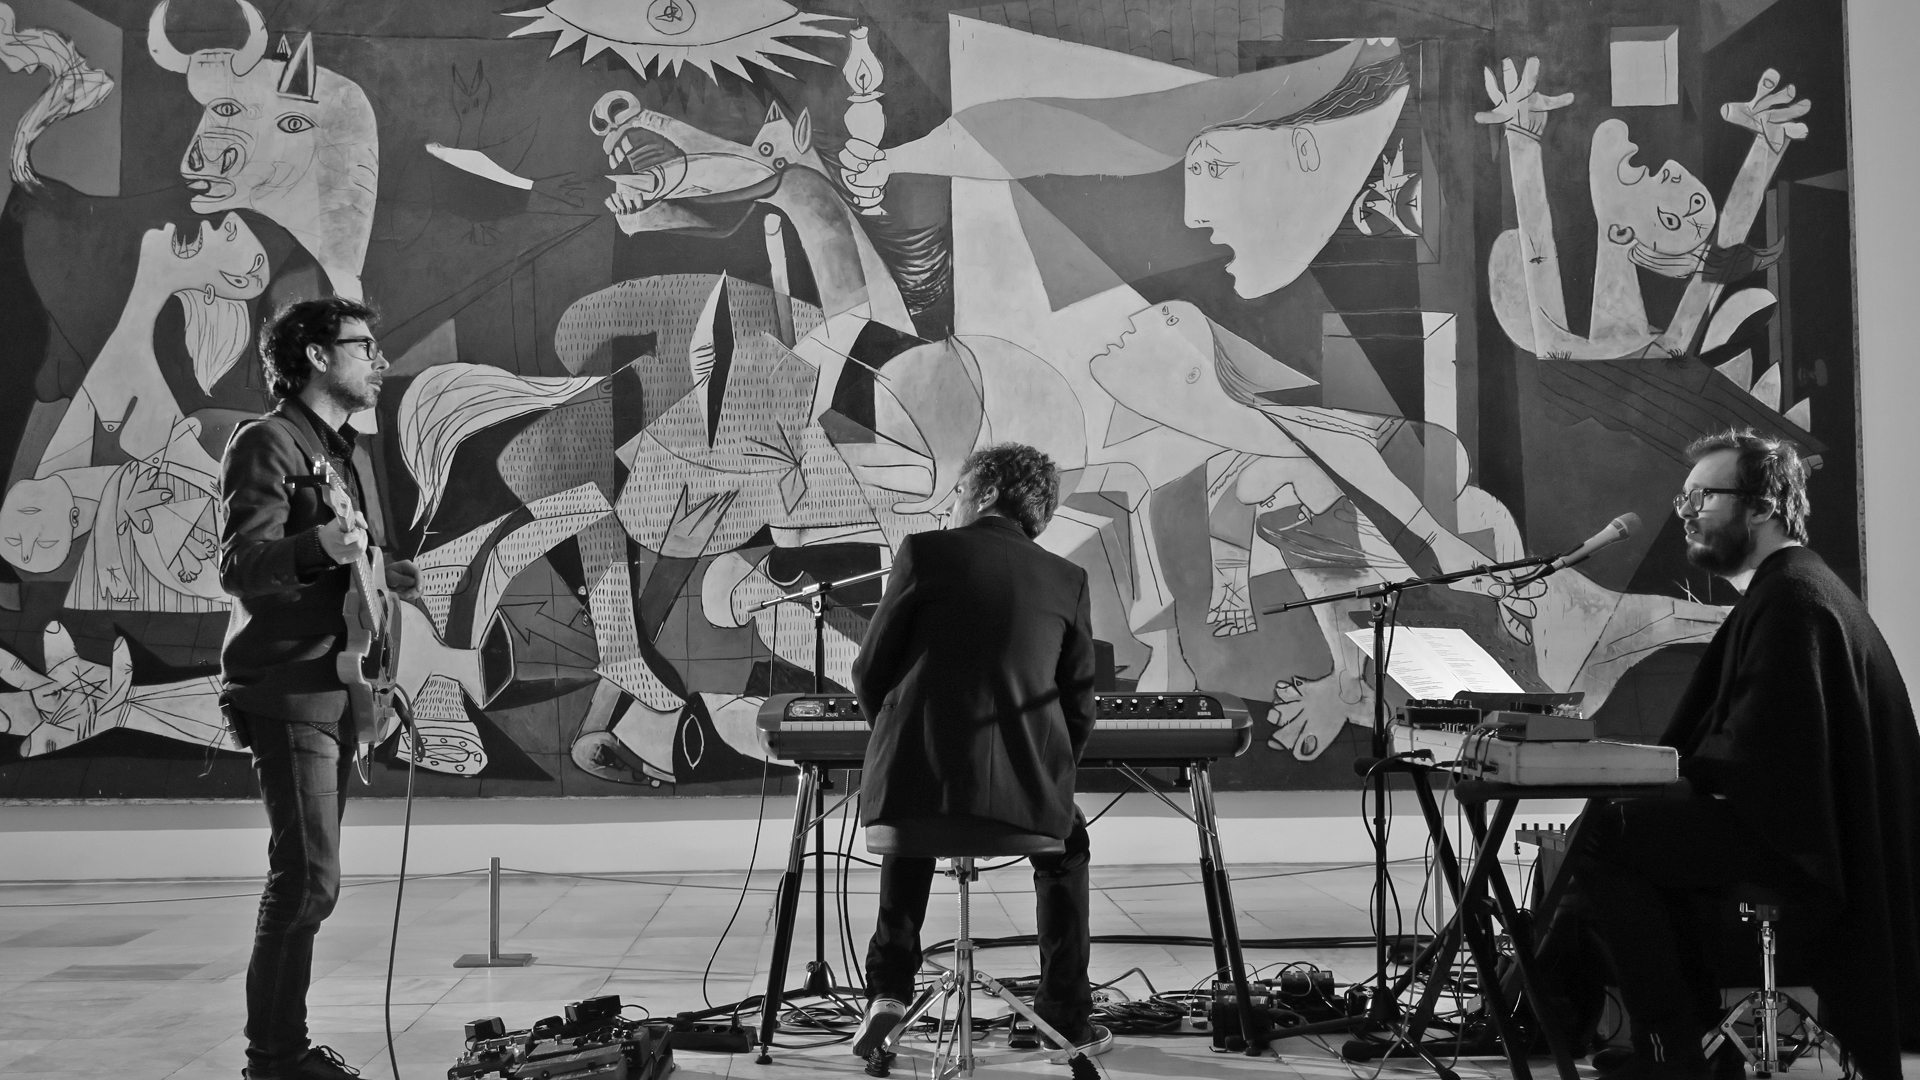 Suena Guernica - Iván Ferreiro - 07/06/17